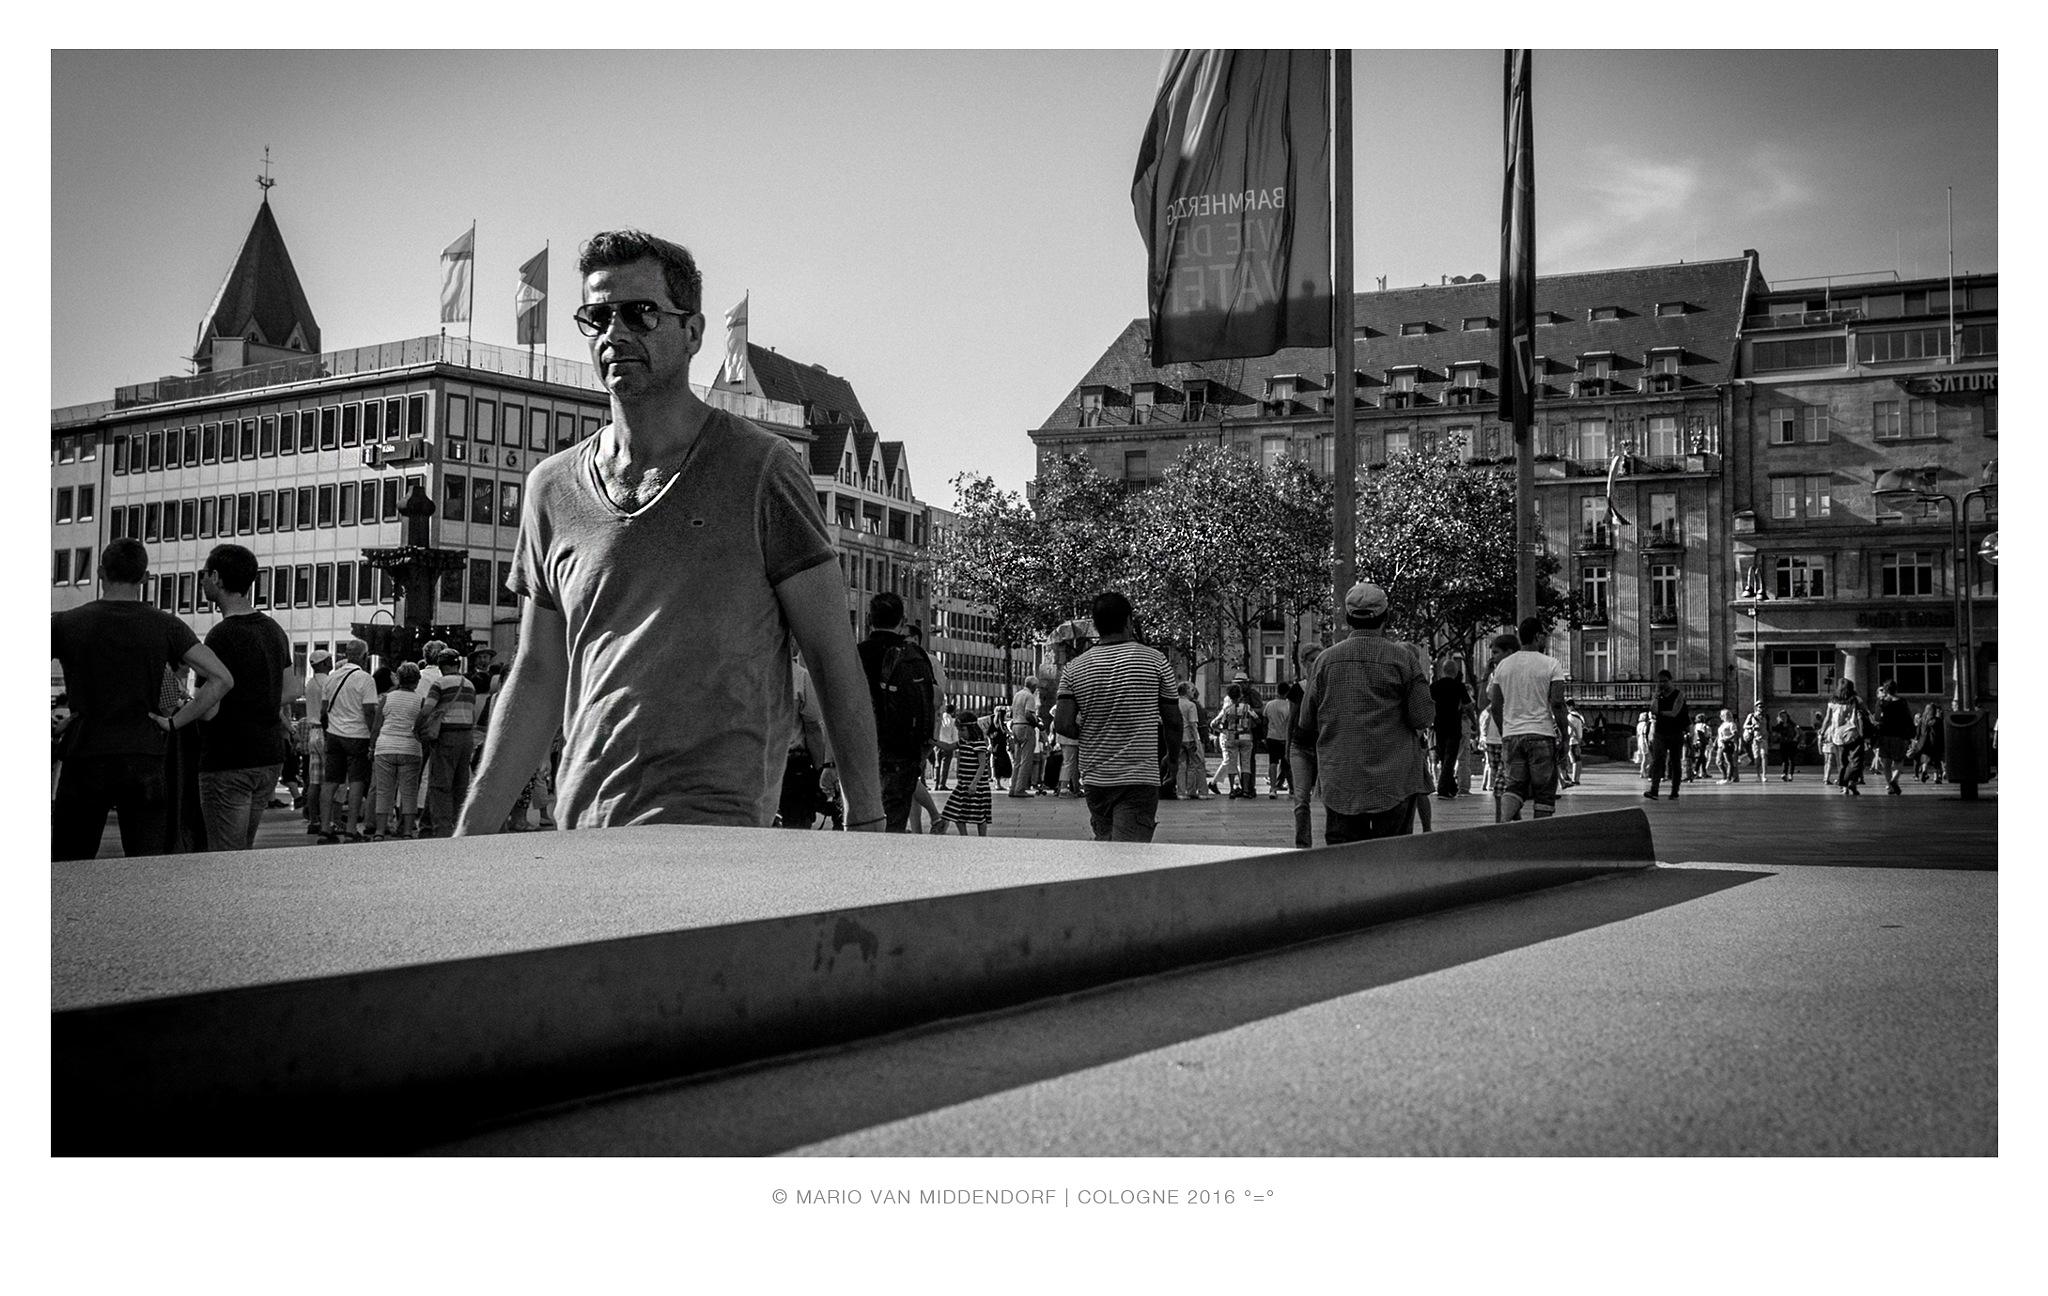 Cologne People & Visitors (01) by Mario van Middendorf